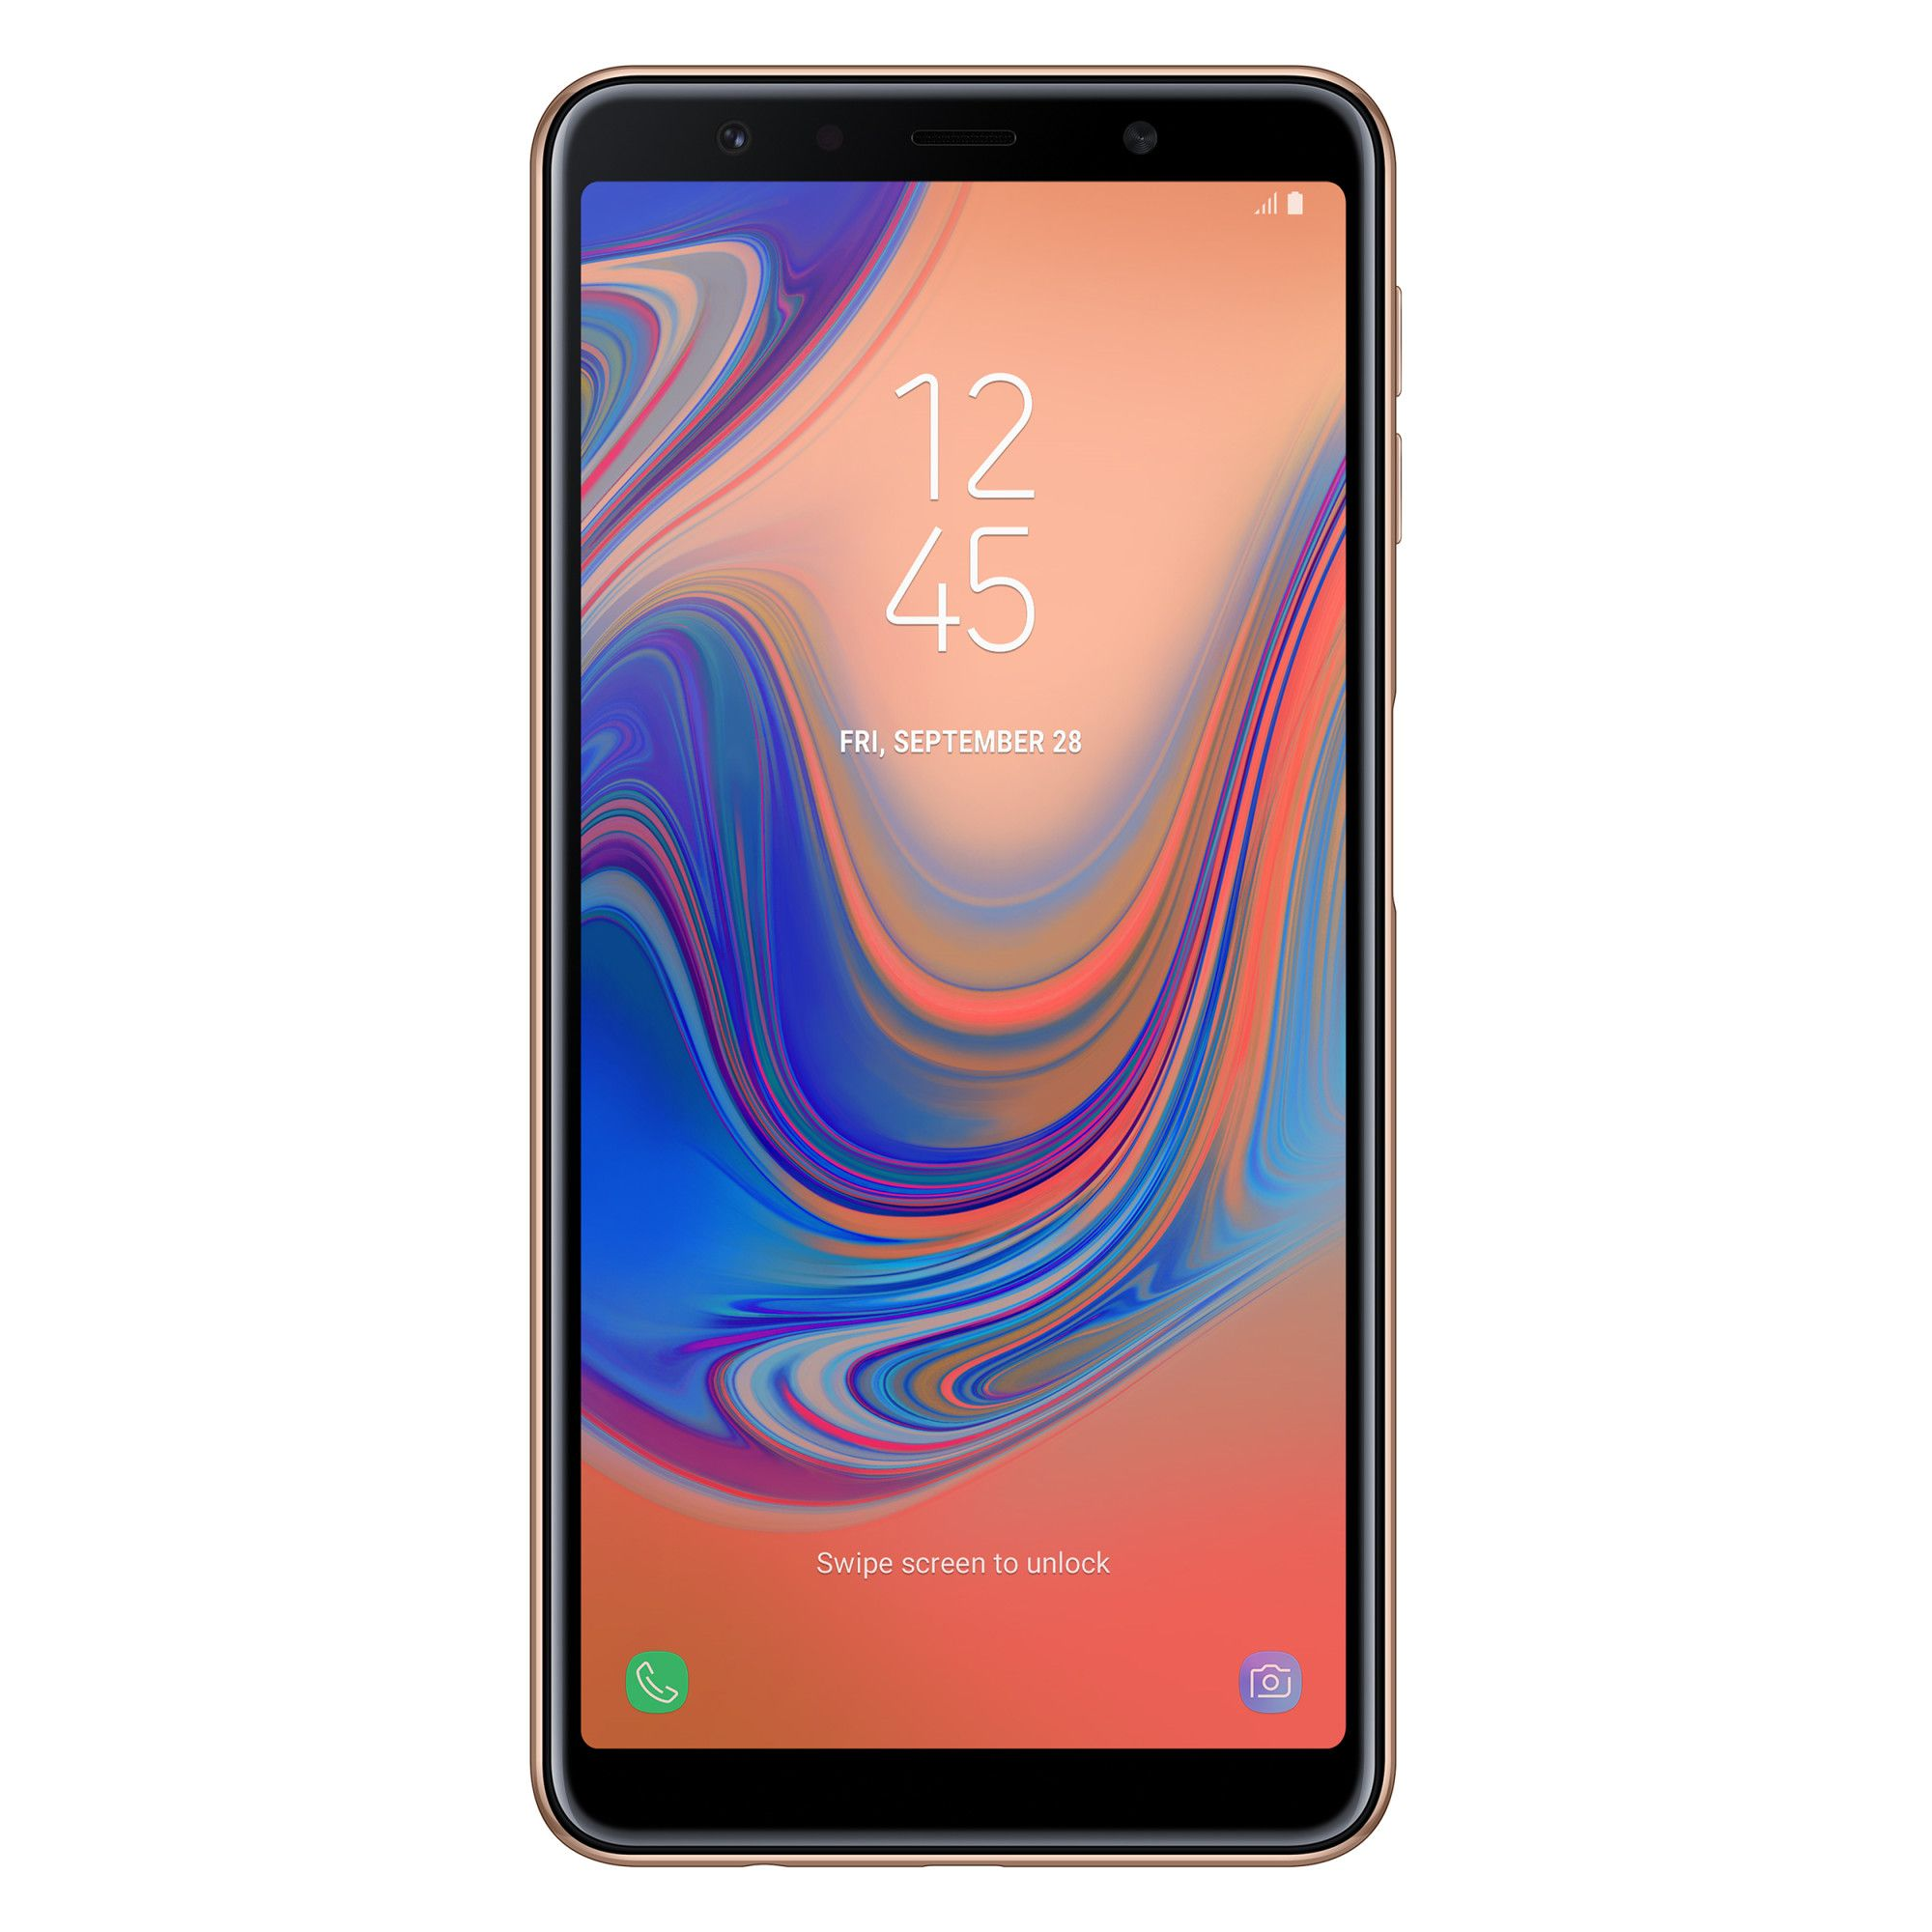 Telefon Mobil Samsung A750 Galaxy A7 (2018) 128GB Flash 4GB RAM Dual SIM 4G Gold